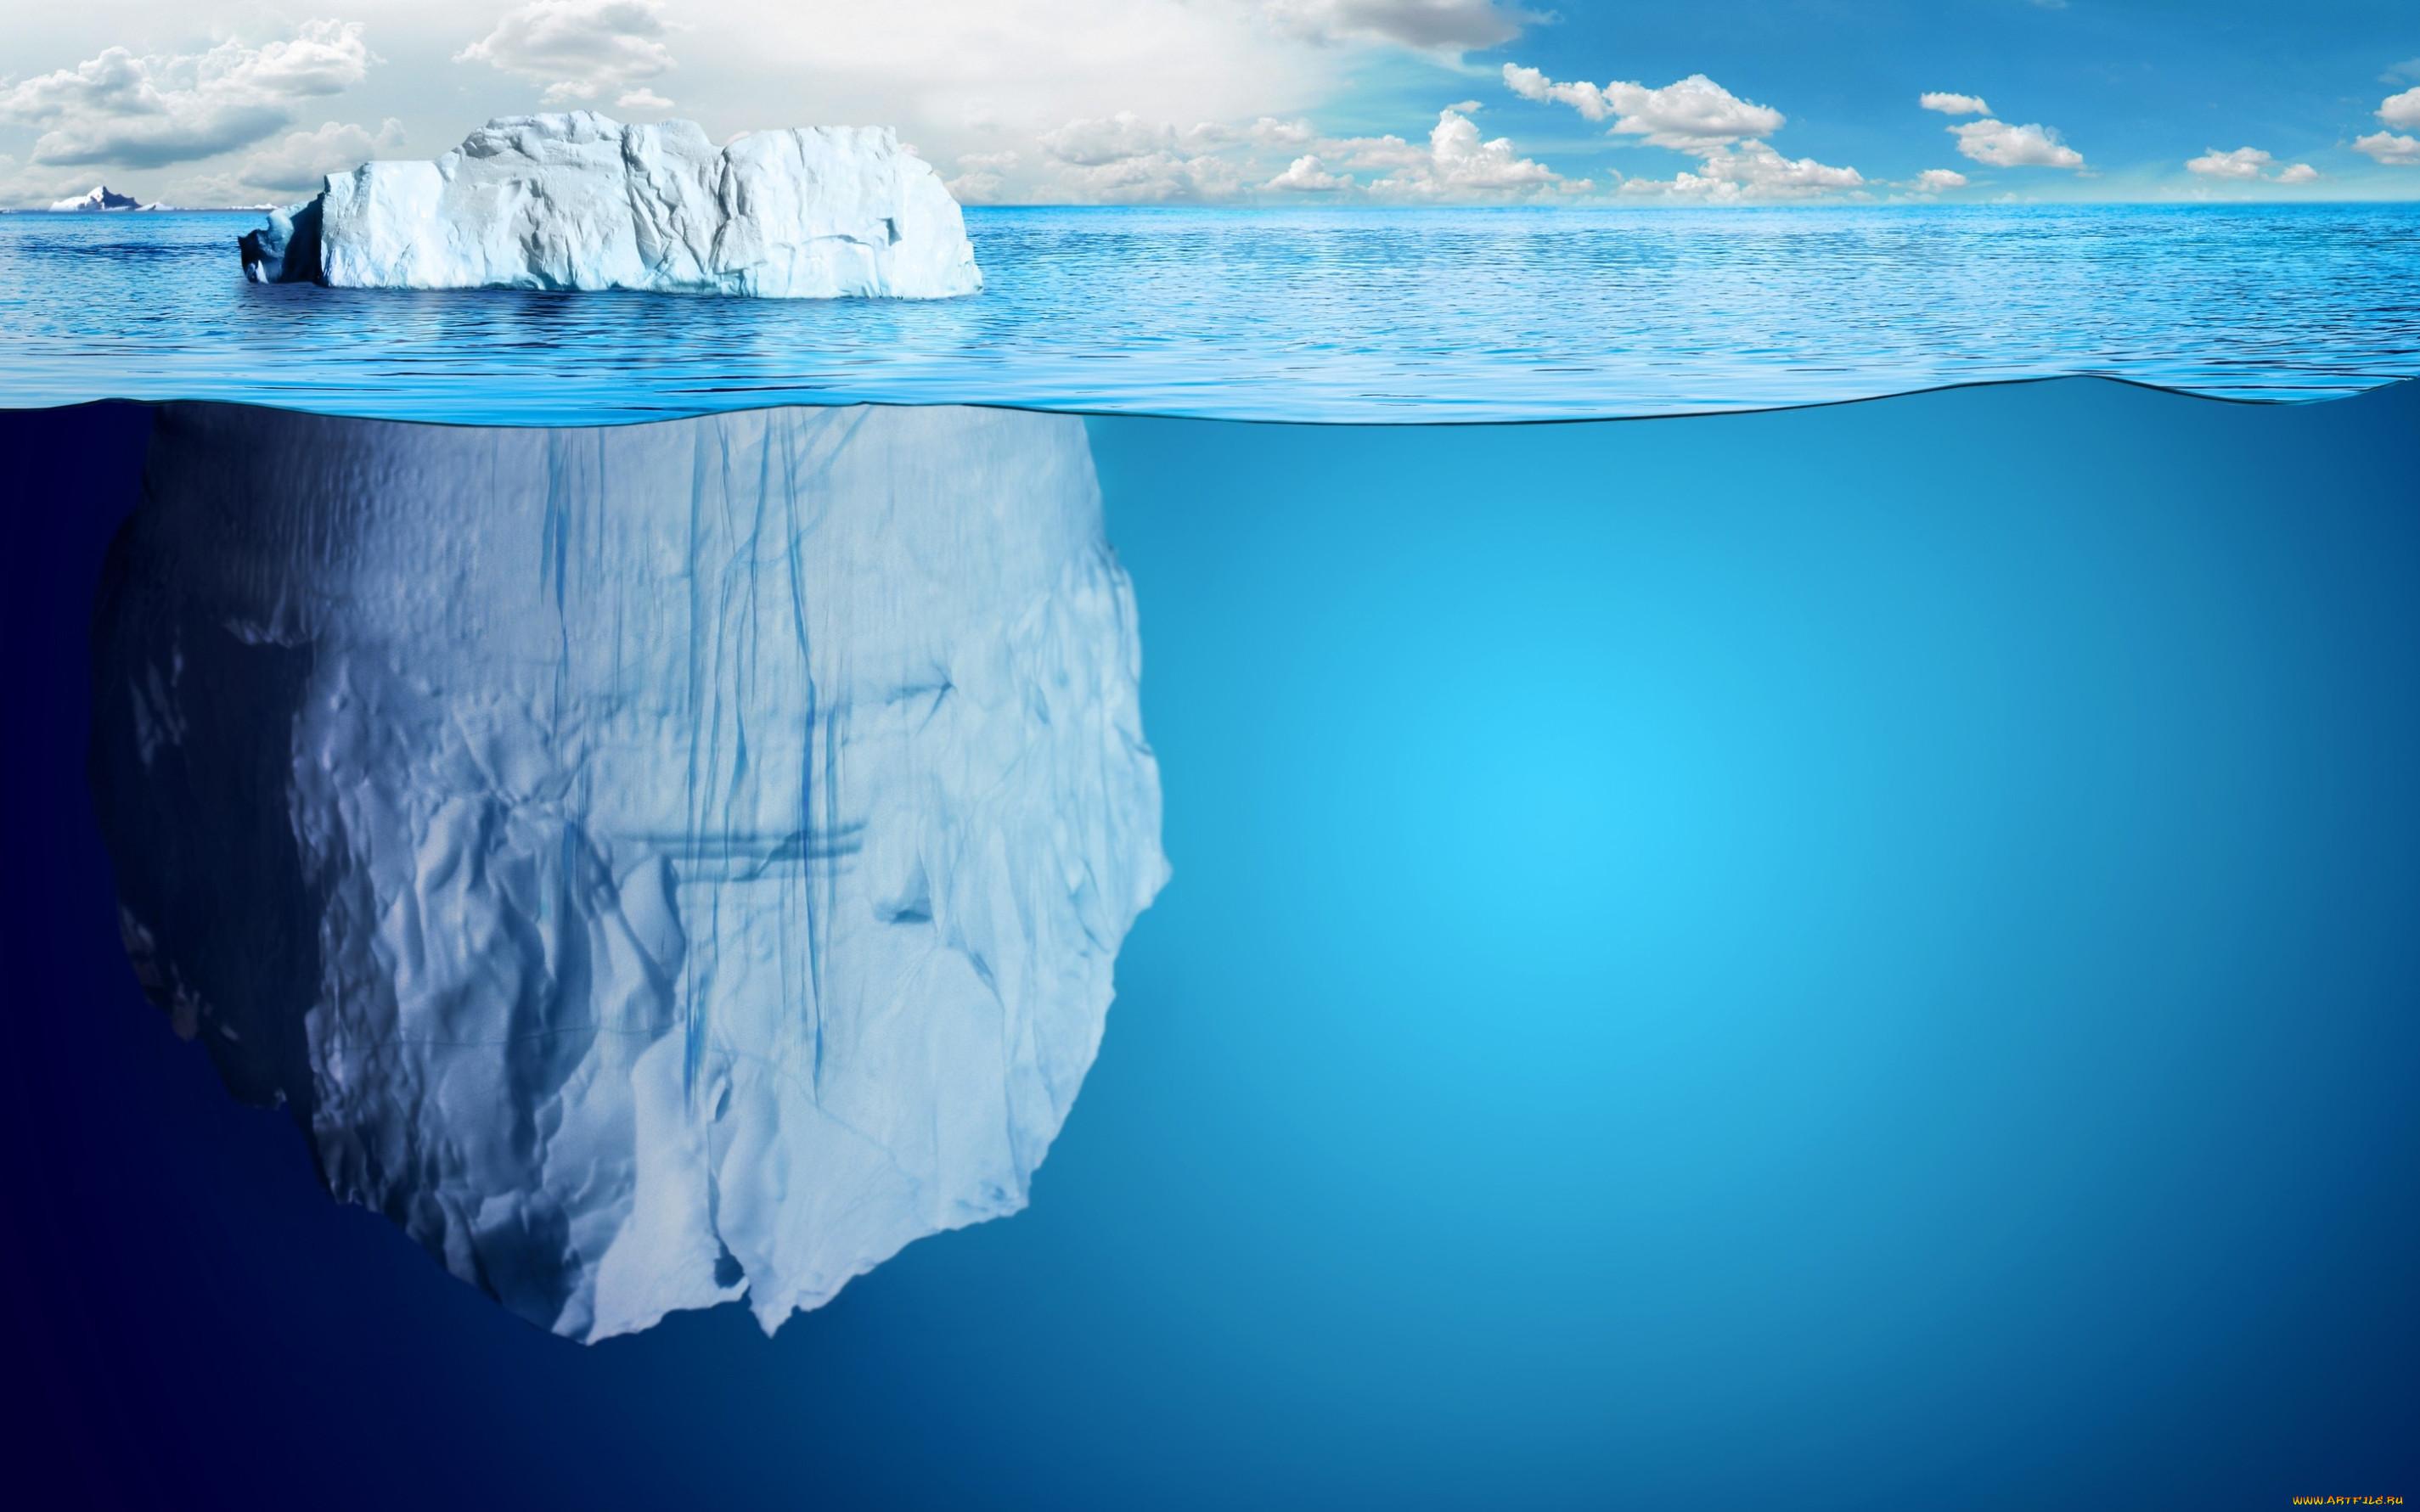 фото айсберг под водой здоровья счастья любимых